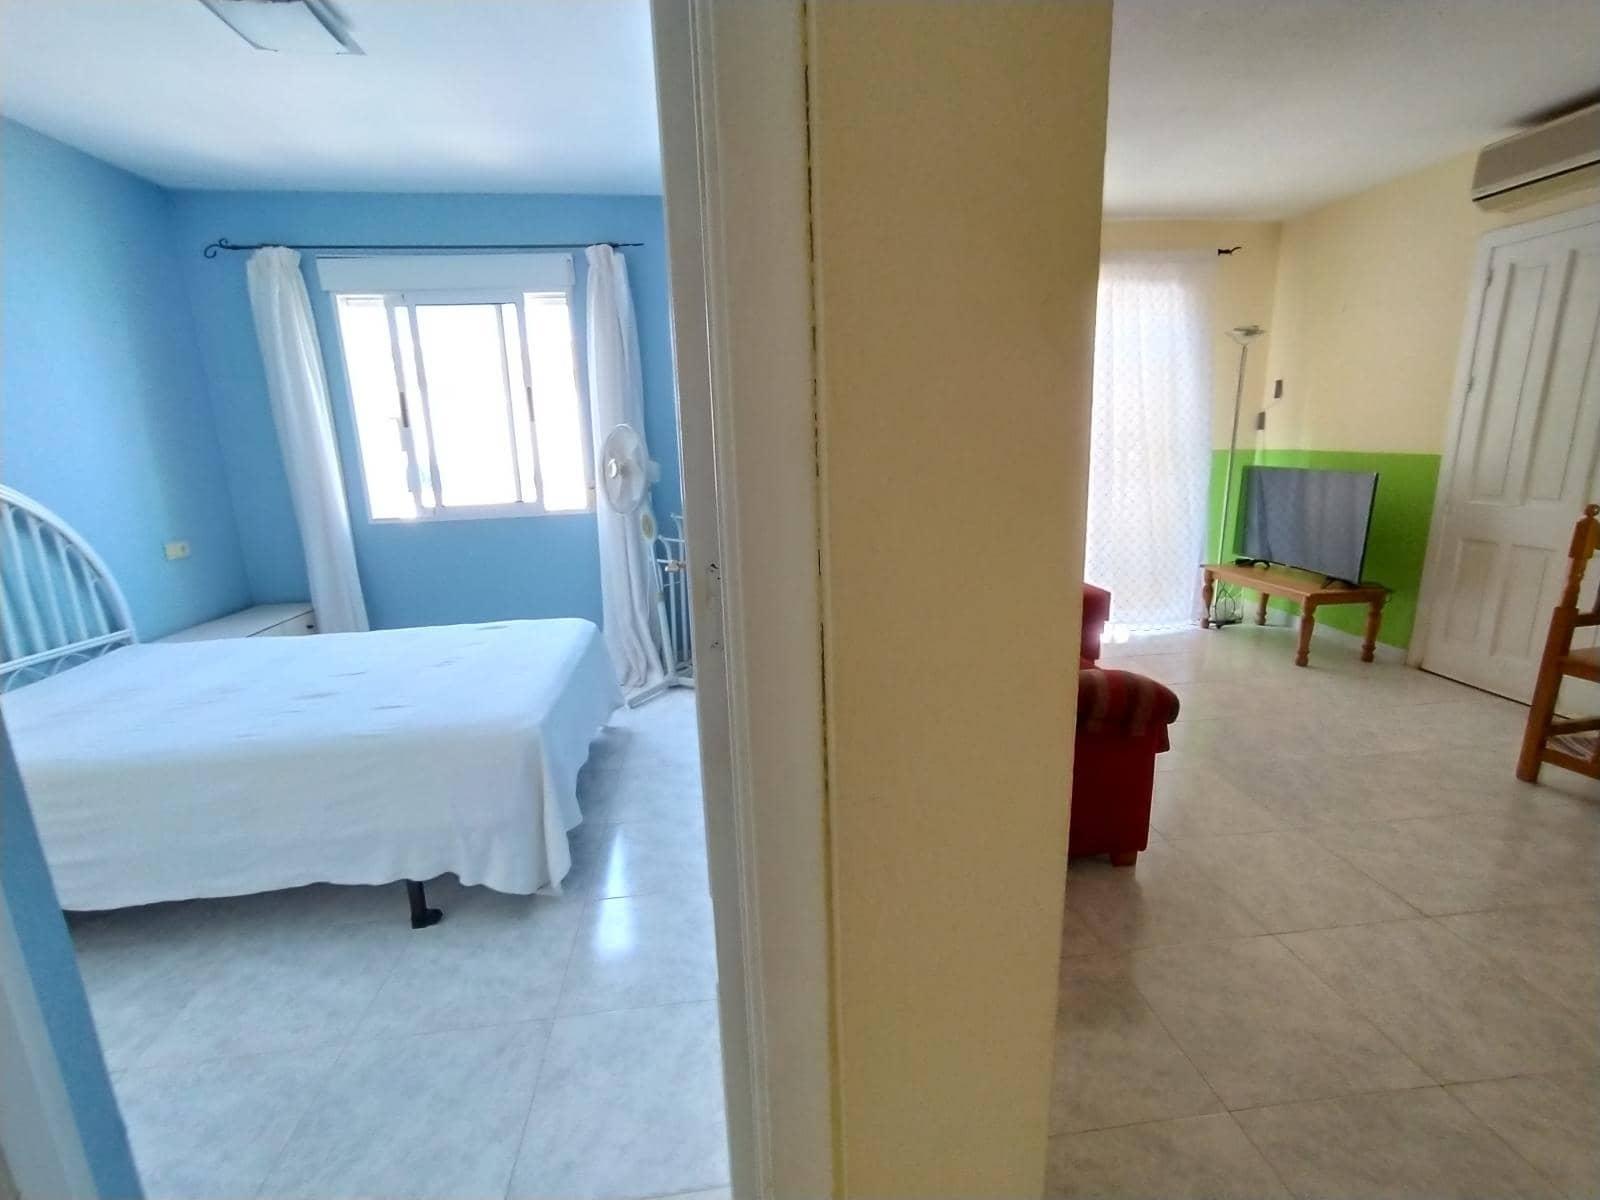 3 makuuhuone Ranta-asunto myytävänä paikassa Orihuela mukana uima-altaan - 119 000 € (Ref: 5608794)